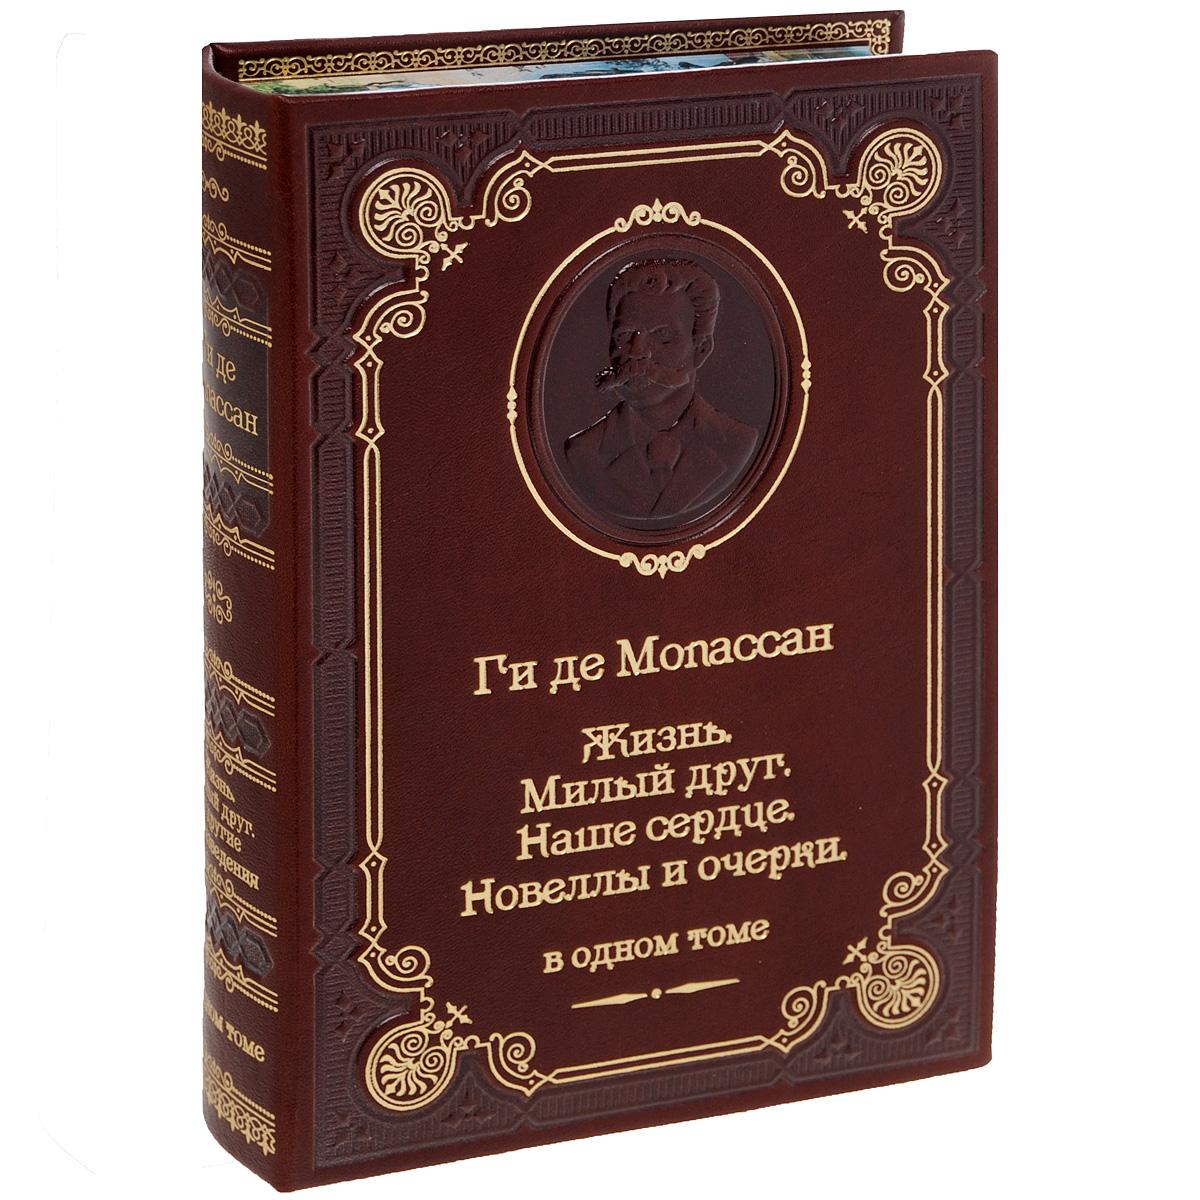 Ги де Мопассан Жизнь. Милый друг. Наше сердце. Новеллы и очерки (подарочное издание) цена и фото